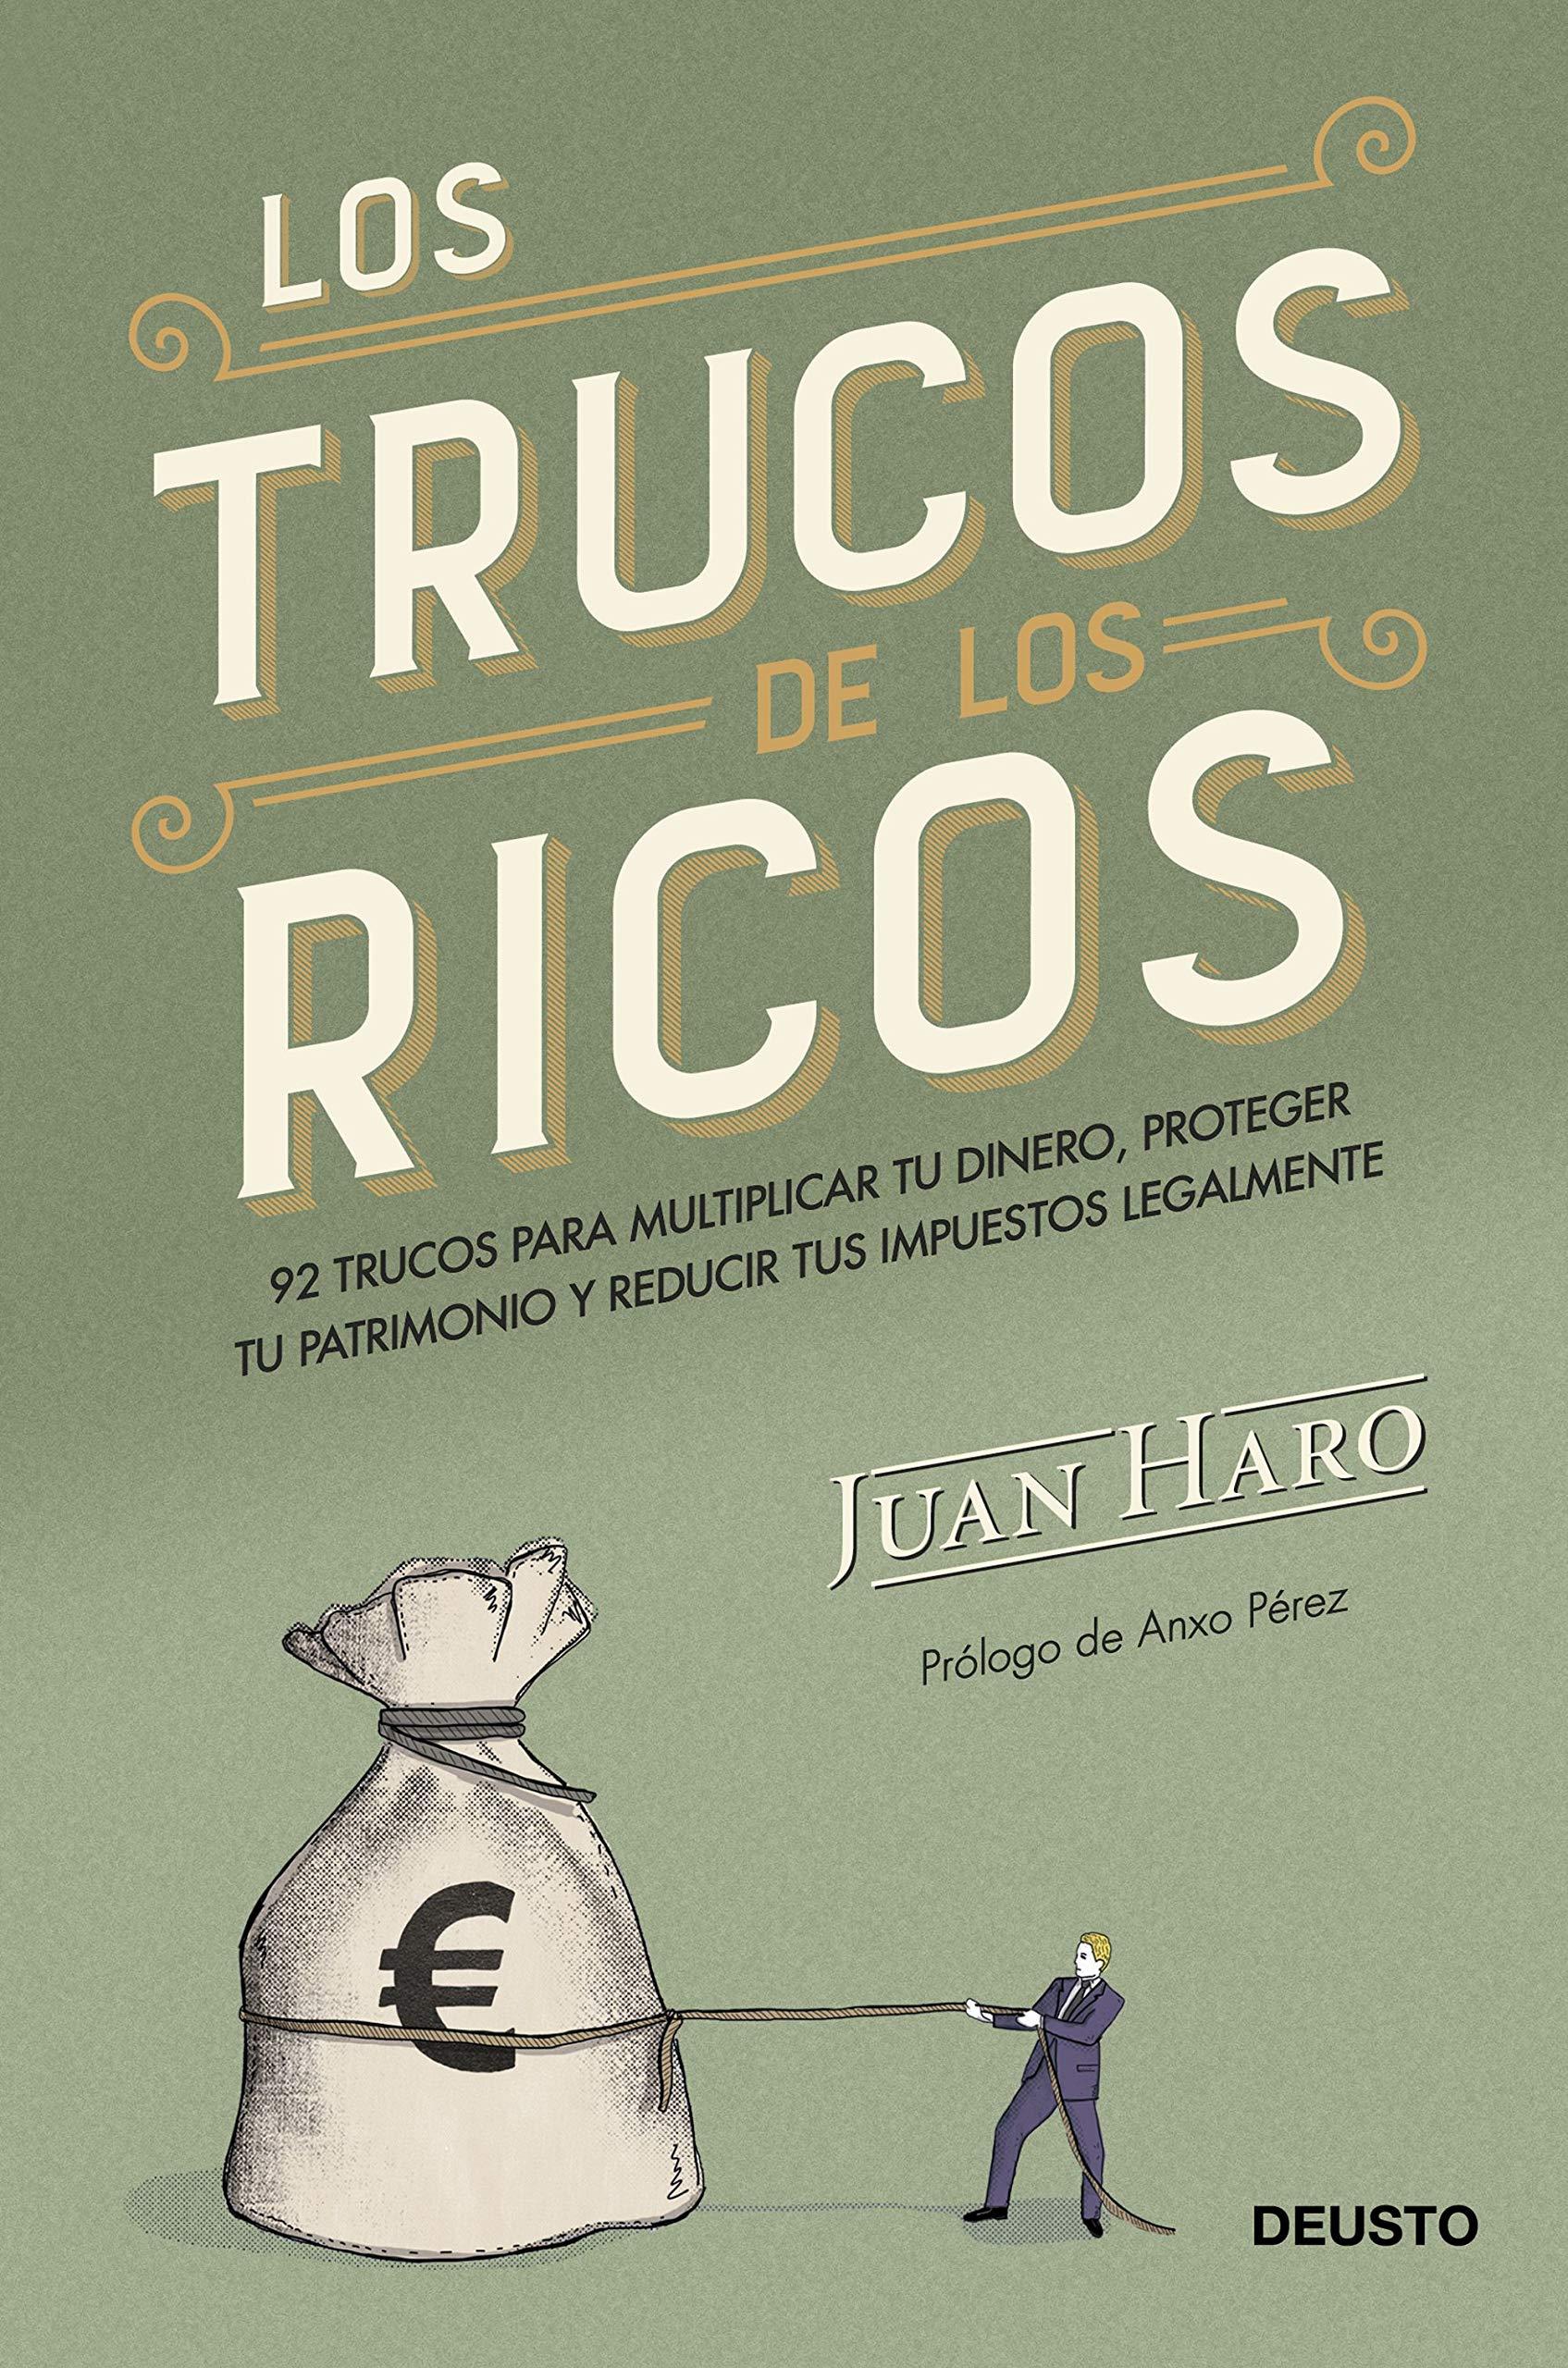 Los trucos de los ricos: 92 trucos para multiplicar tu dinero, proteger tu patrimonio y reducir tus impuestos legalmente por Juan Haro